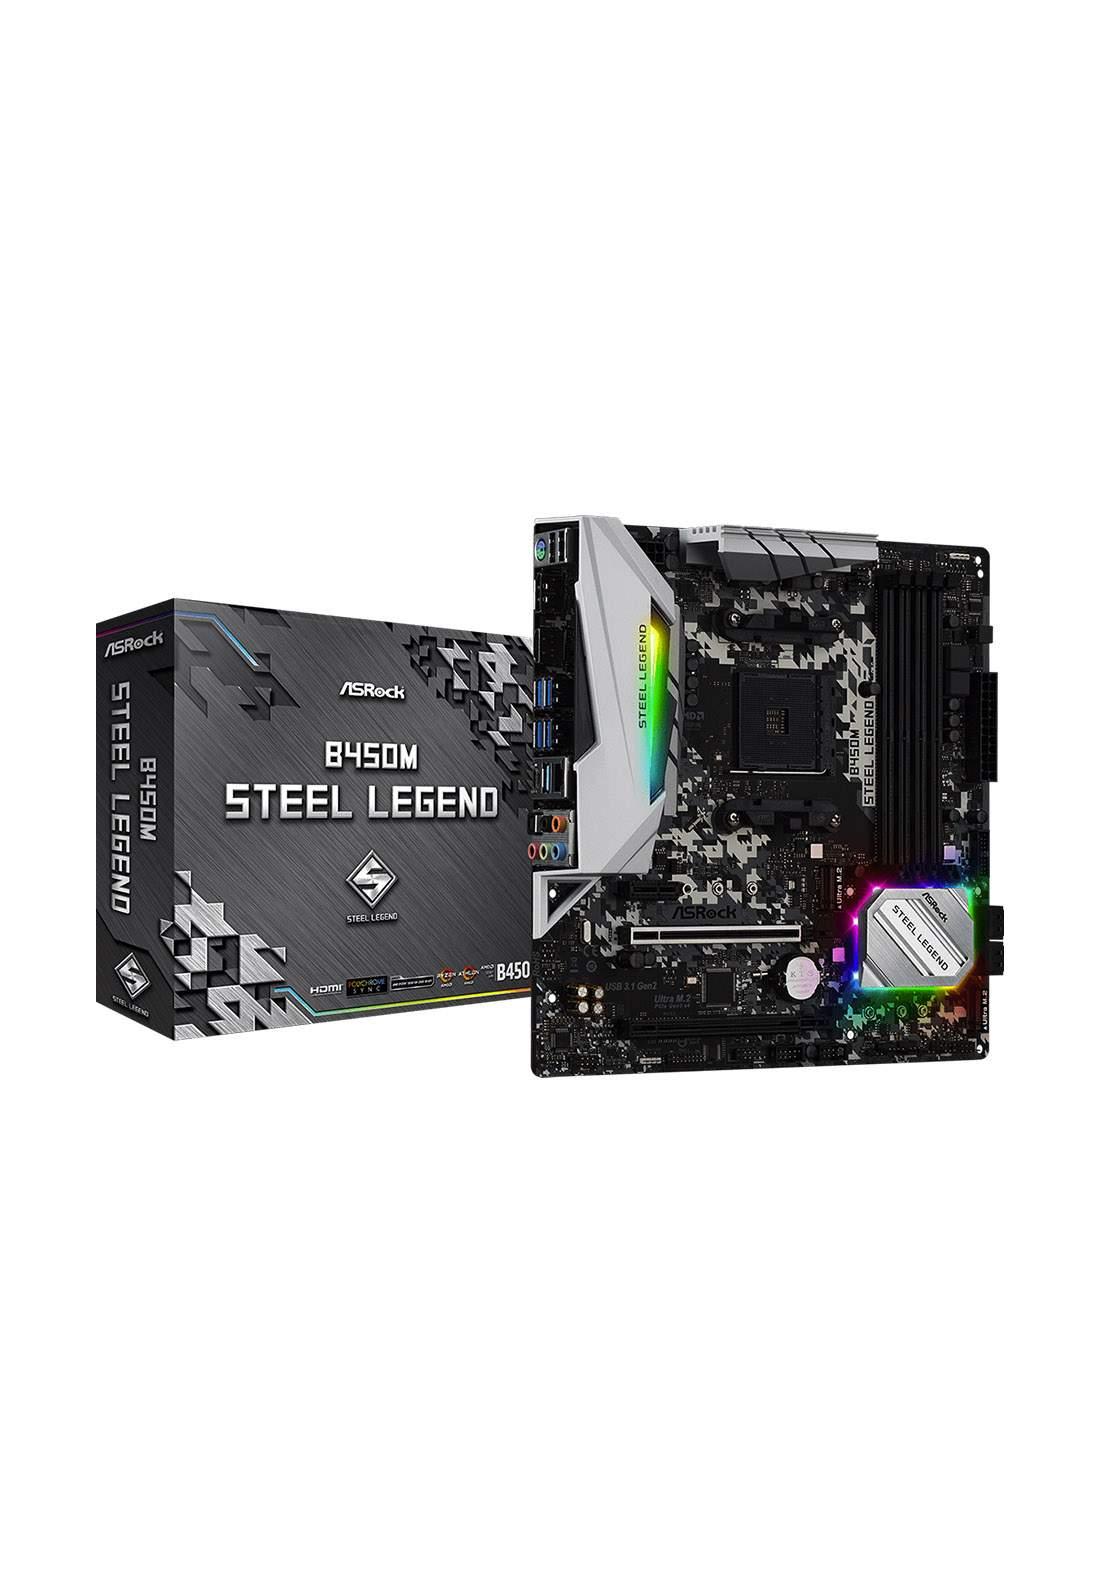 ASRock B450M Steel Legend Motherboard لوحة الام